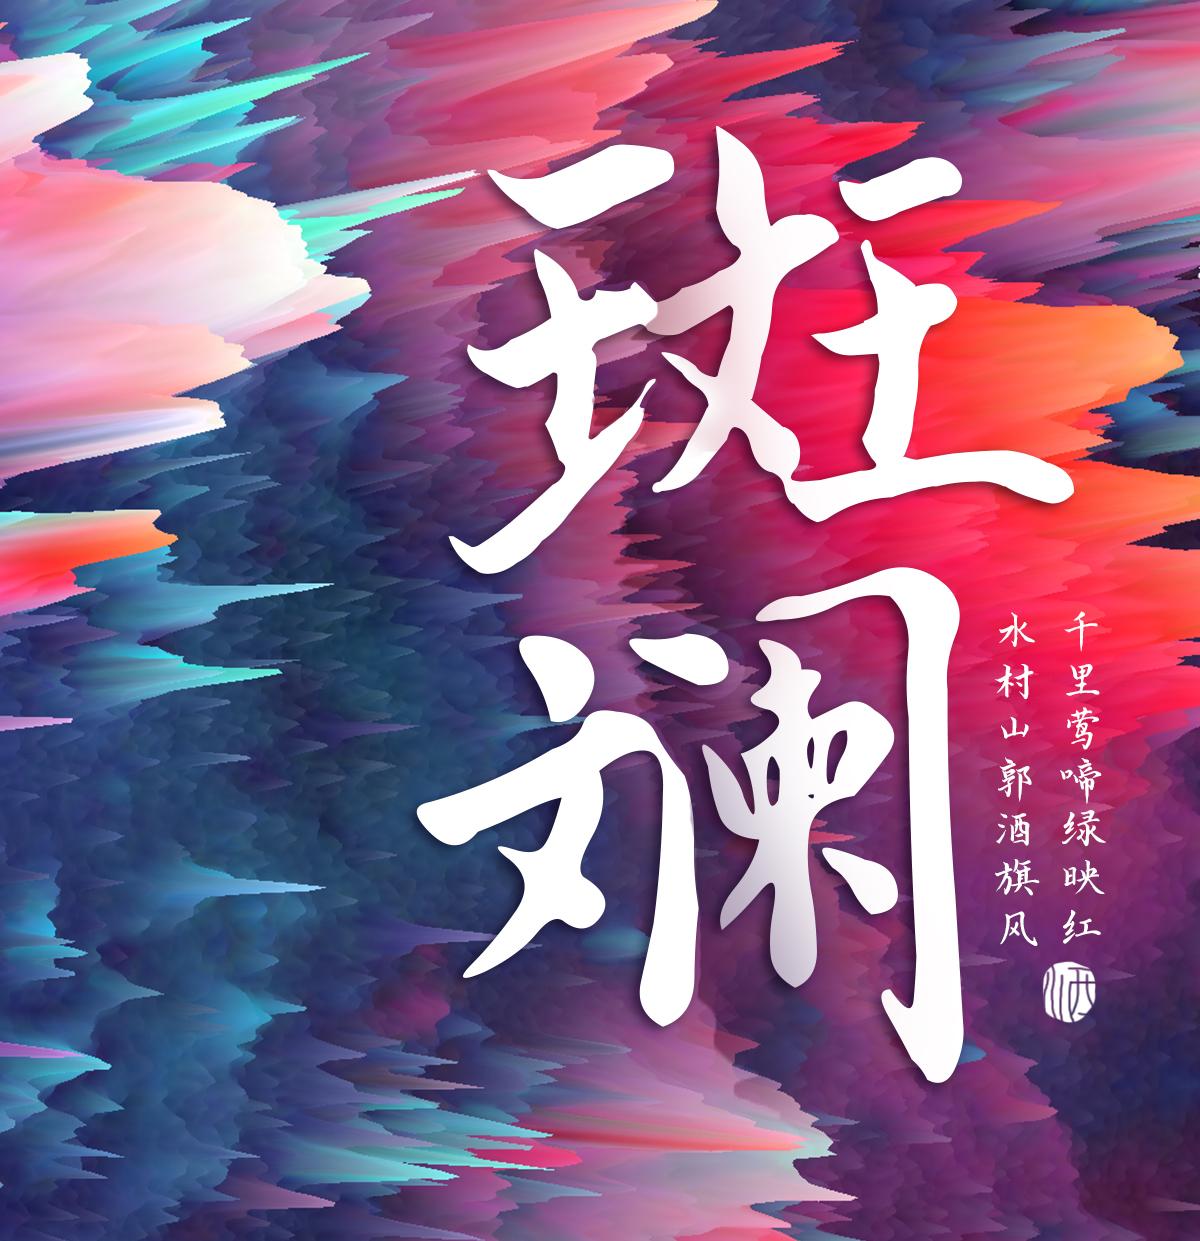 华光静茹楷书简体2.jpg